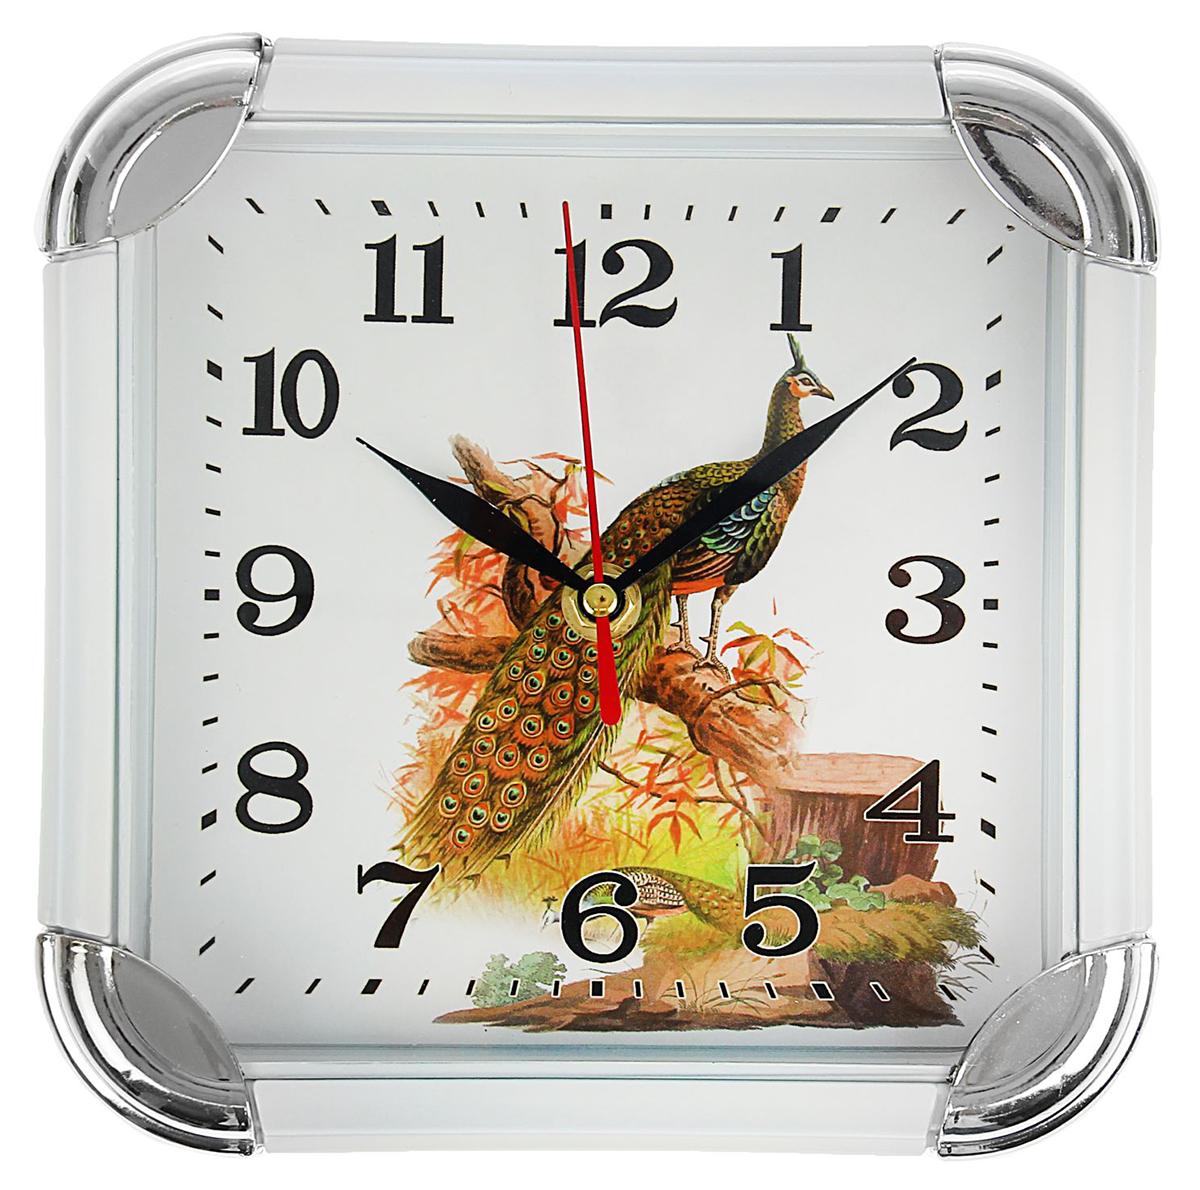 Часы настенные Павлин, 19,5 х 19,5 см1384796Каждому хозяину периодически приходит мысль обновить свою квартиру, сделать ремонт, перестановку или кардинально поменять внешний вид каждой комнаты. Часы настенные квадратные Павлин, с закругленными краями, белый обод, малые — привлекательная деталь, которая поможет воплотить вашу интерьерную идею, создать неповторимую атмосферу в вашем доме. Окружите себя приятными мелочами, пусть они радуют глаз и дарят гармонию.Часы настенные круг квадратные Павлин, белый обод, 19,5х19,5 см 1384796